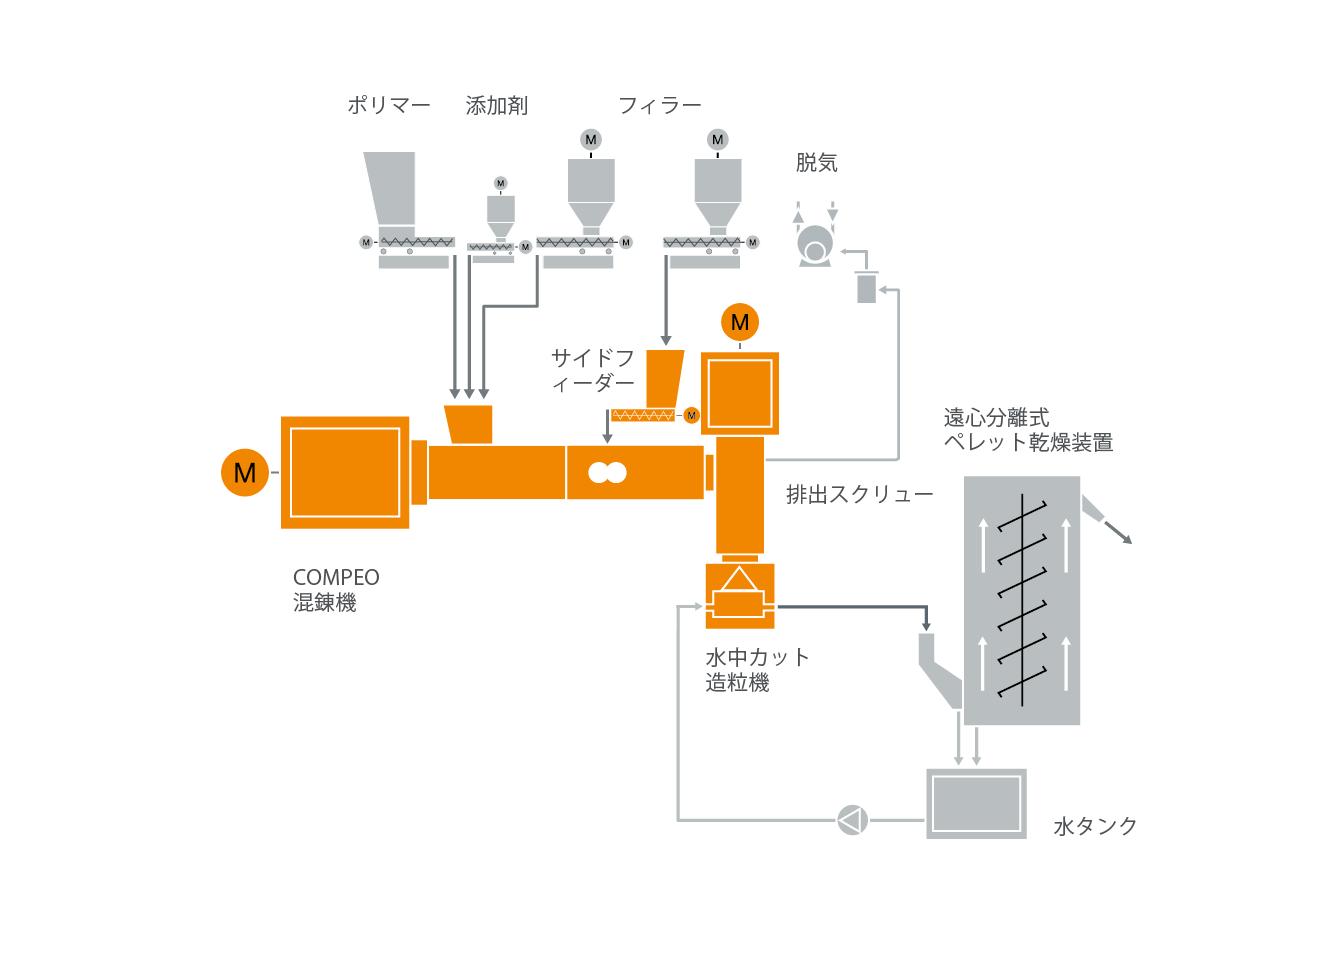 ポリカーボネート(PC)混練システムの典型的な工場内レイアウト